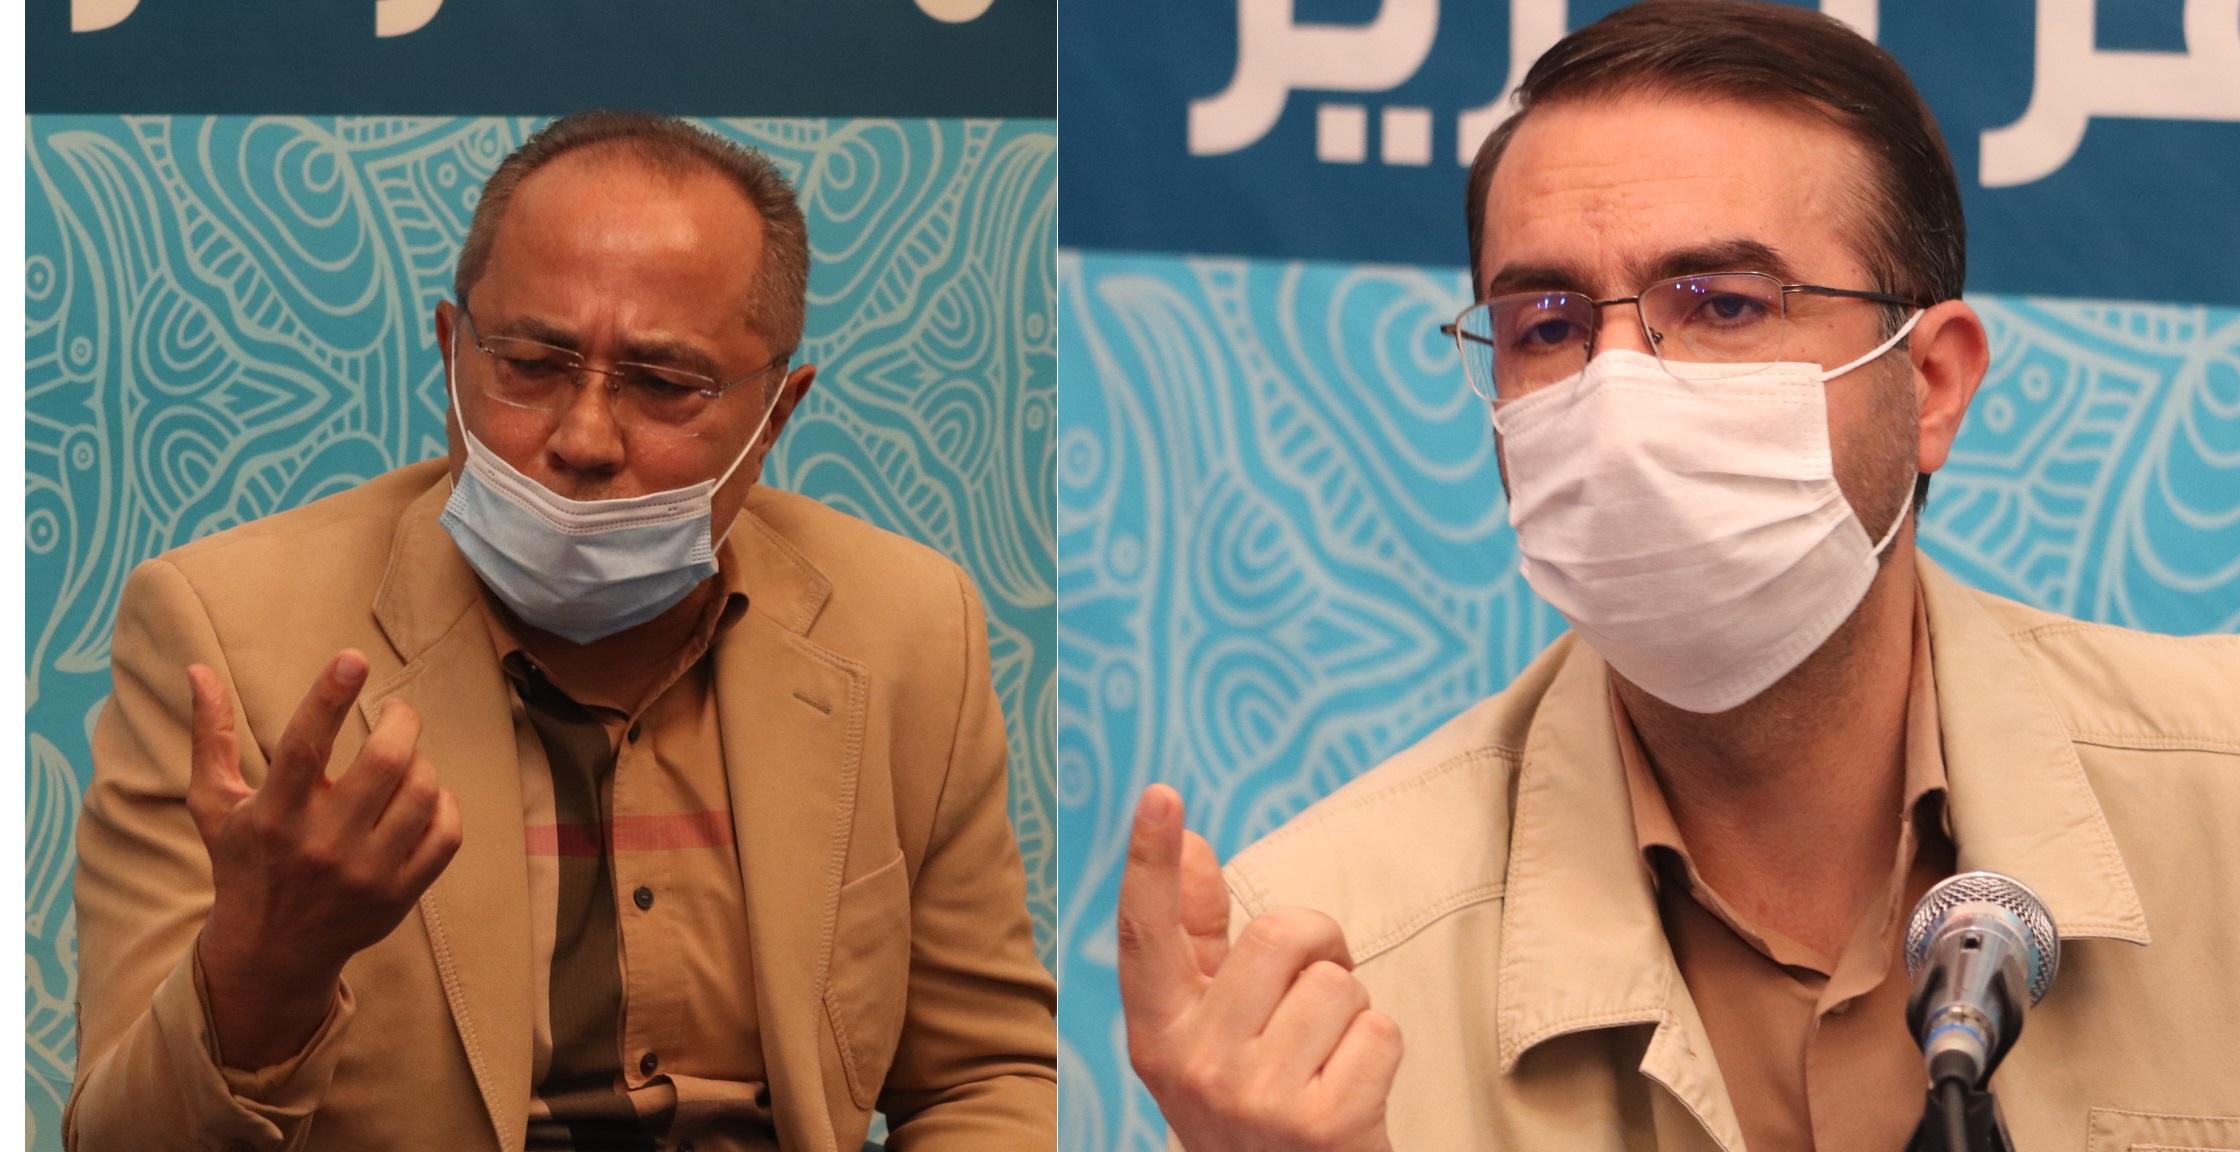 مناظره دو کاندیدای انتخابات دوره ششم شورای شهر تبریز